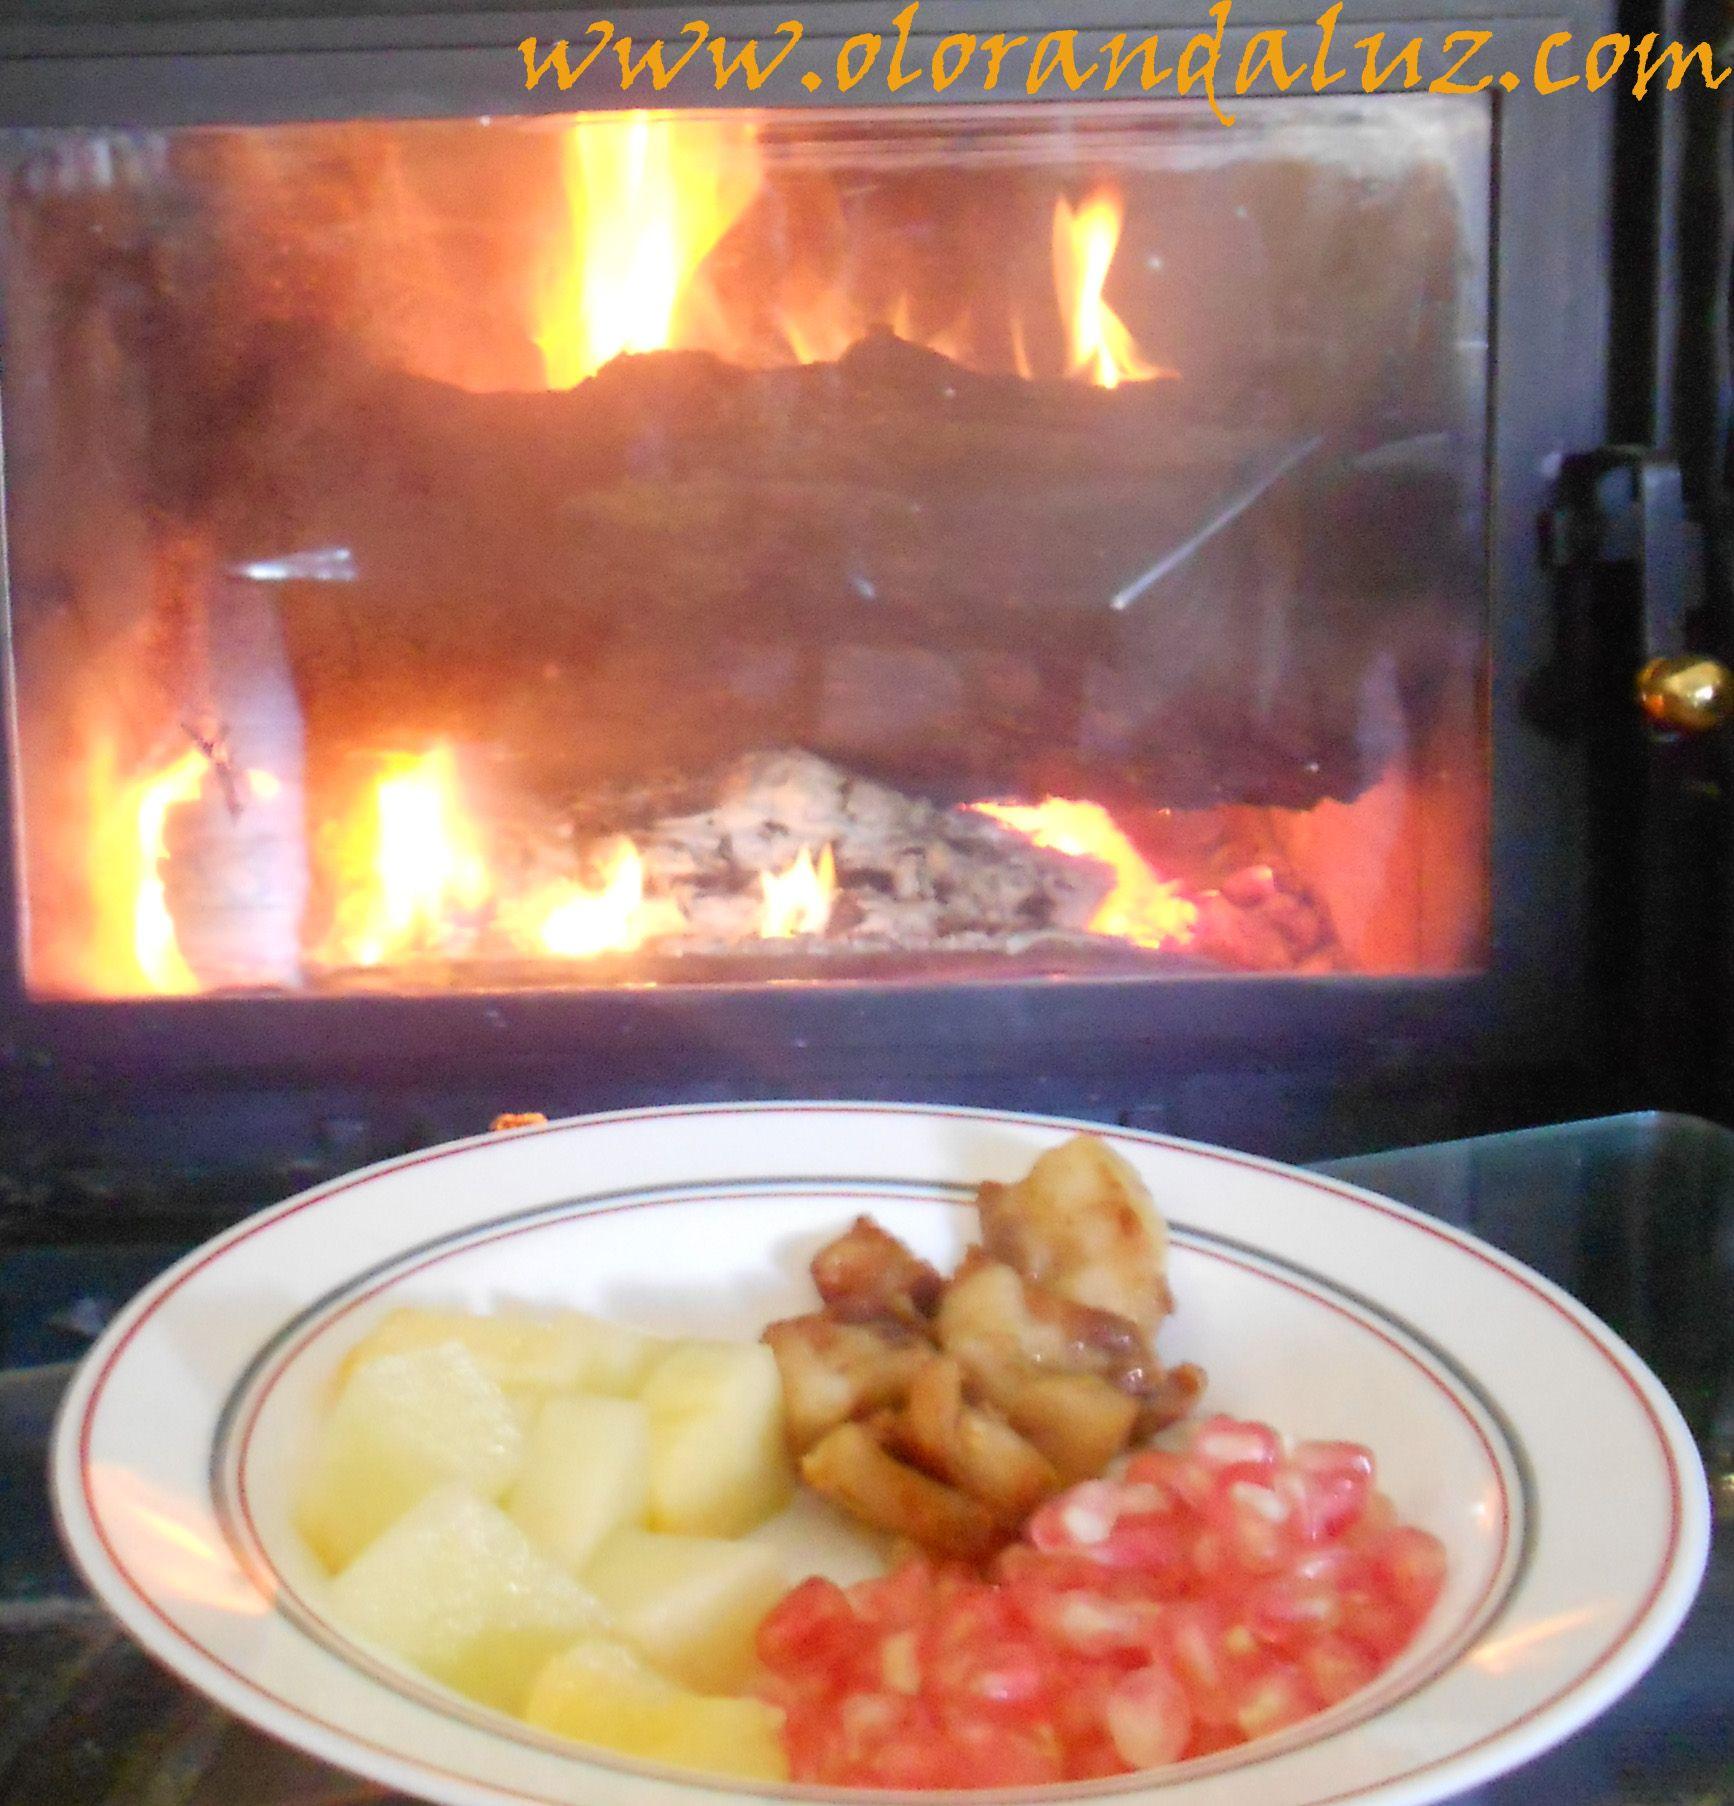 Estos son nuestros acompañamientos para las migas: granada, torreznos, melon...y una buena chimenea!  http://www.olorandaluz.com/migas/